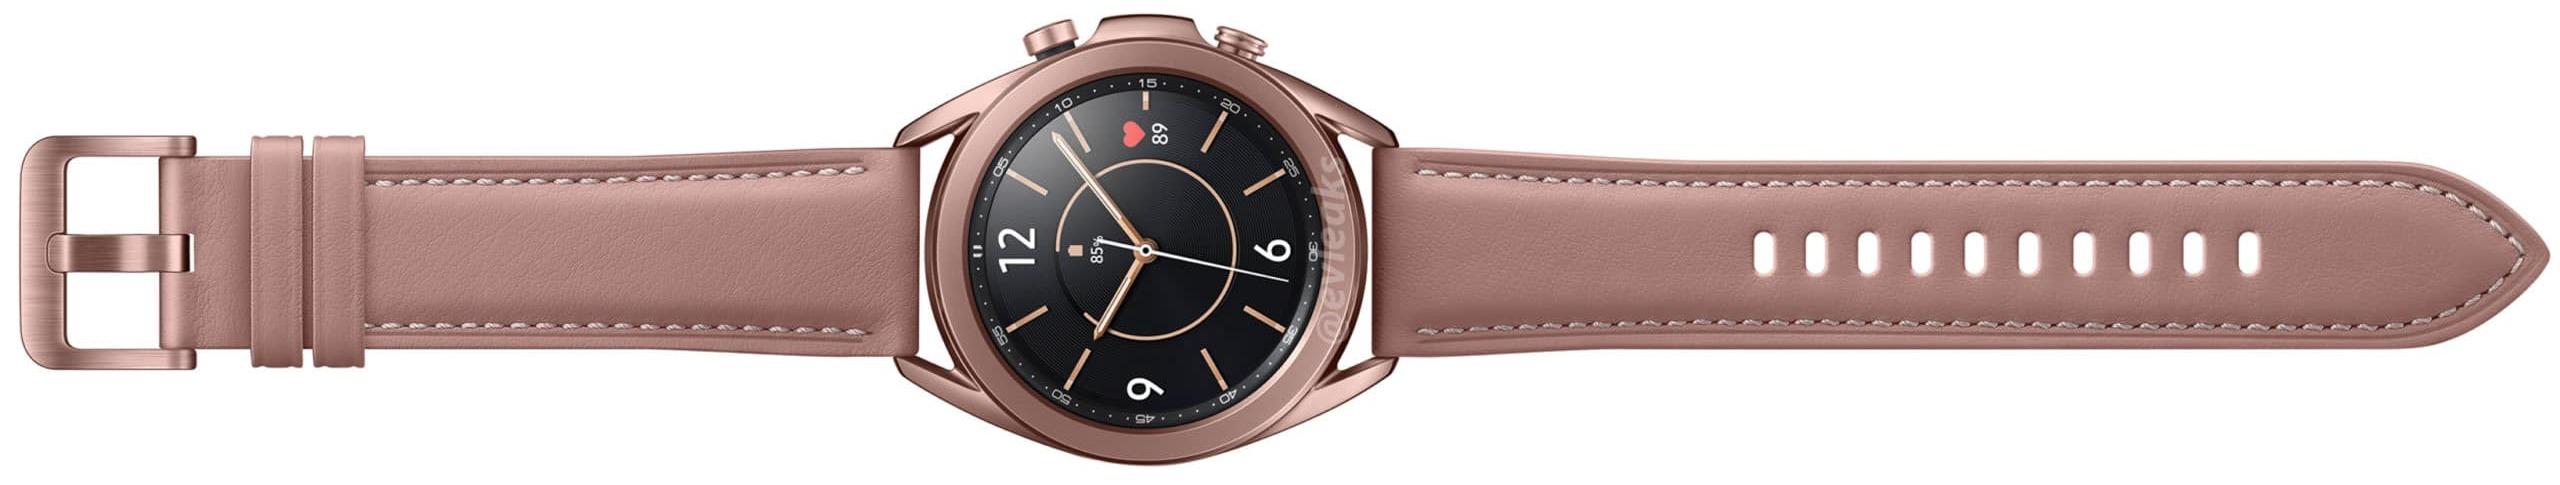 Galaxy Watch 3 41 mm